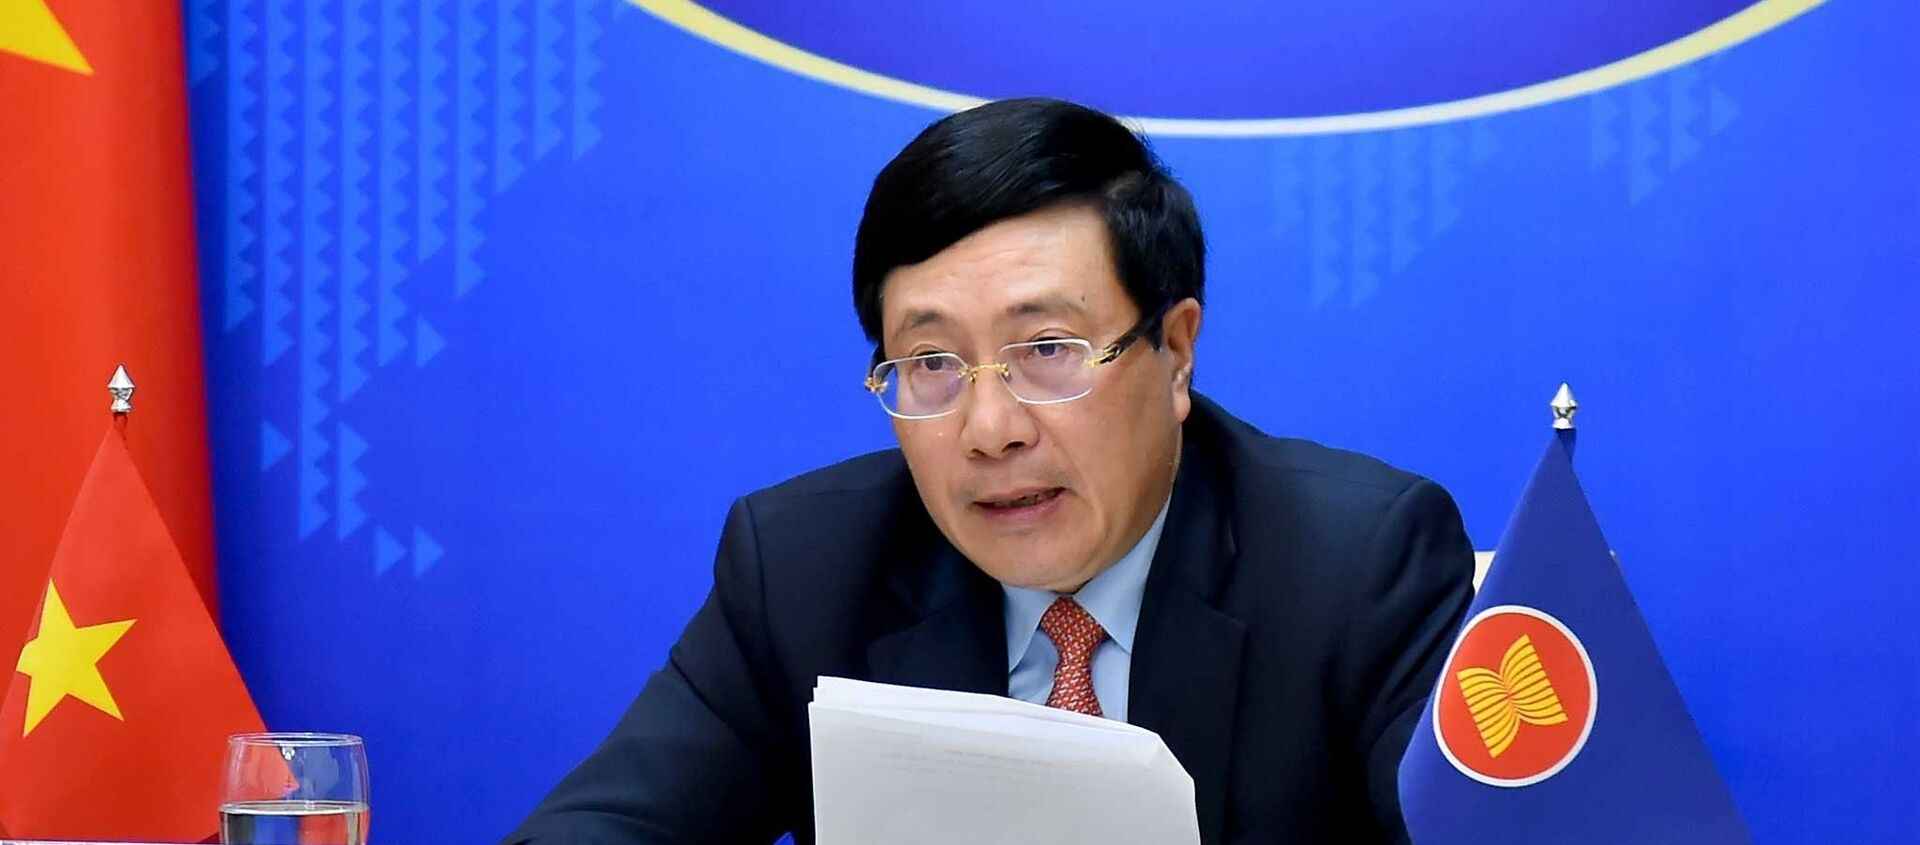 Hội nghị Bộ trưởng Ngoại giao ASEAN không chính thức (IAMM). - Sputnik Việt Nam, 1920, 02.03.2021